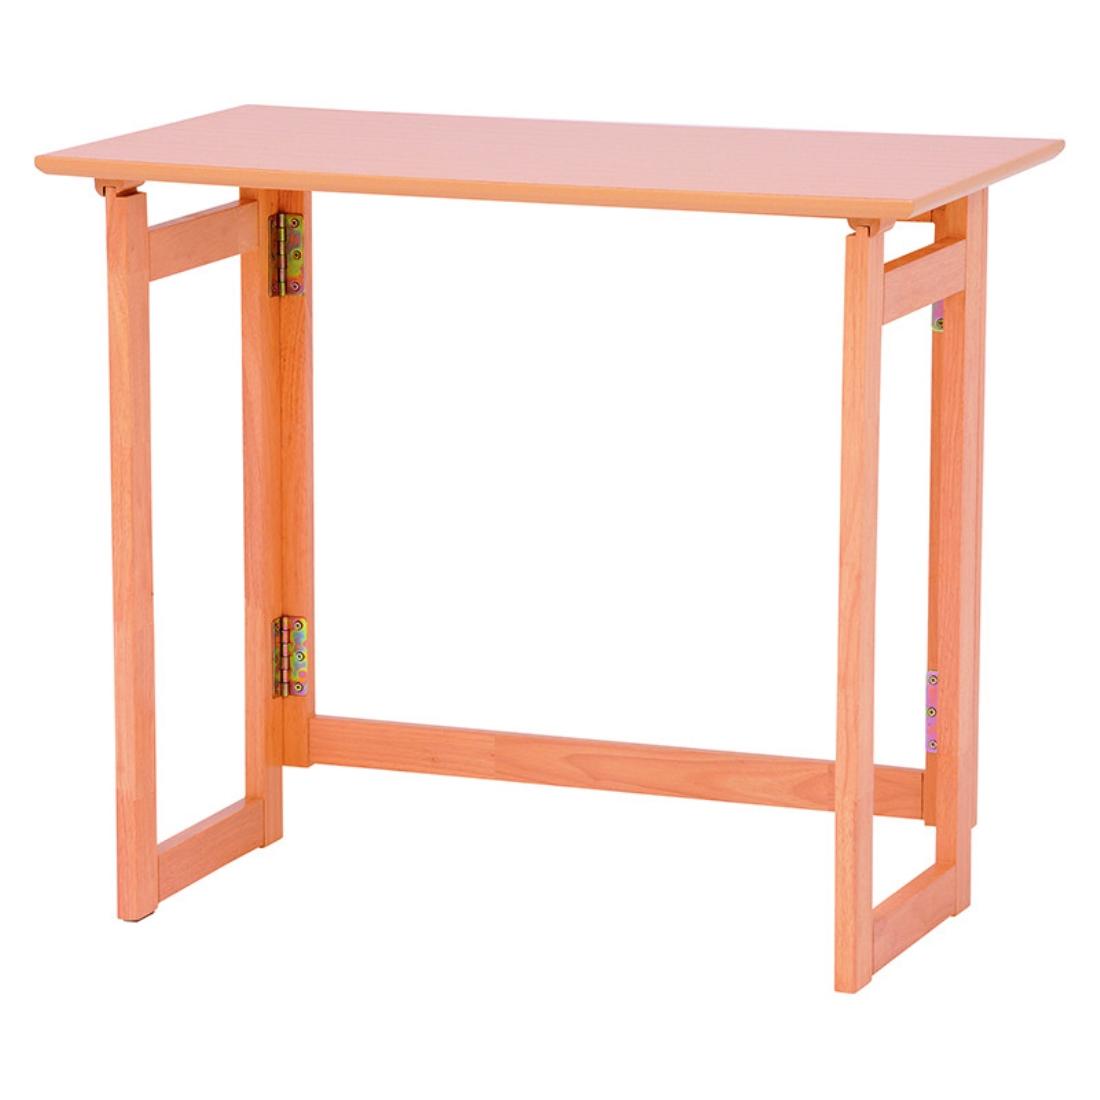 【在庫僅少】 送料無料 オシャレ オシャレ 家具 木製 送料無料 折りたたみ デスク 折り畳み 机 木製 折畳 テーブル, ヒバグン:a7a47c0d --- pazudorach.xyz